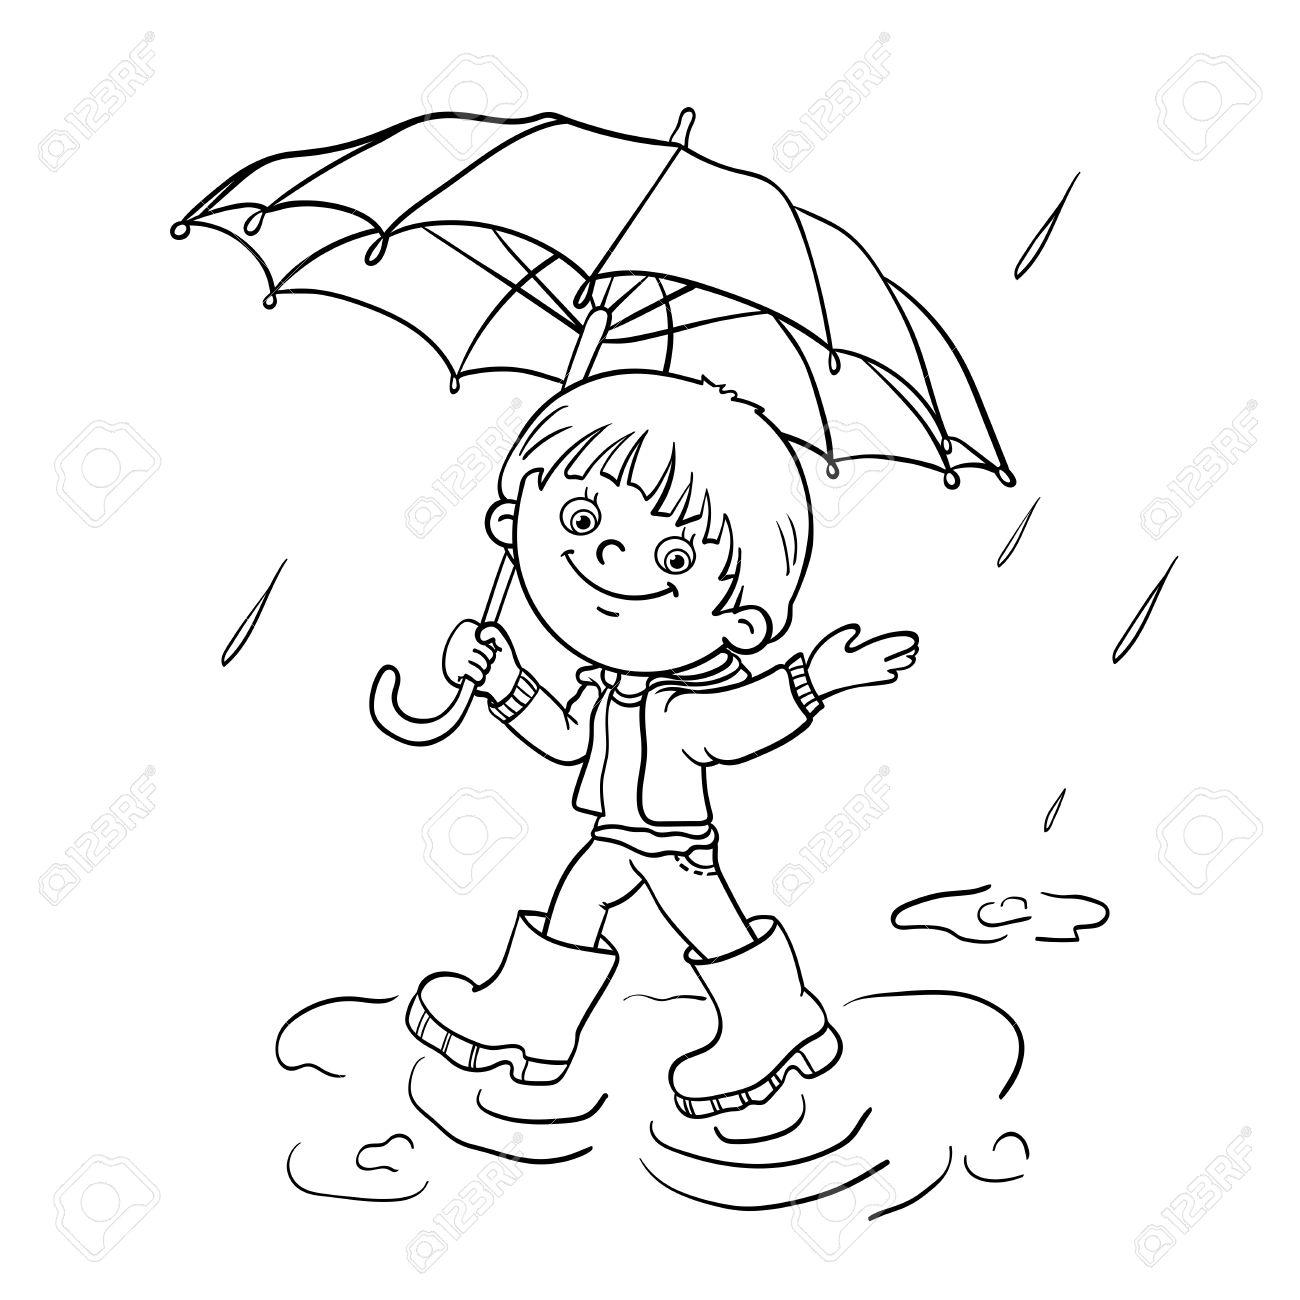 Esquema Página Para Colorear De Un Niño Feliz De Dibujos Animados ...